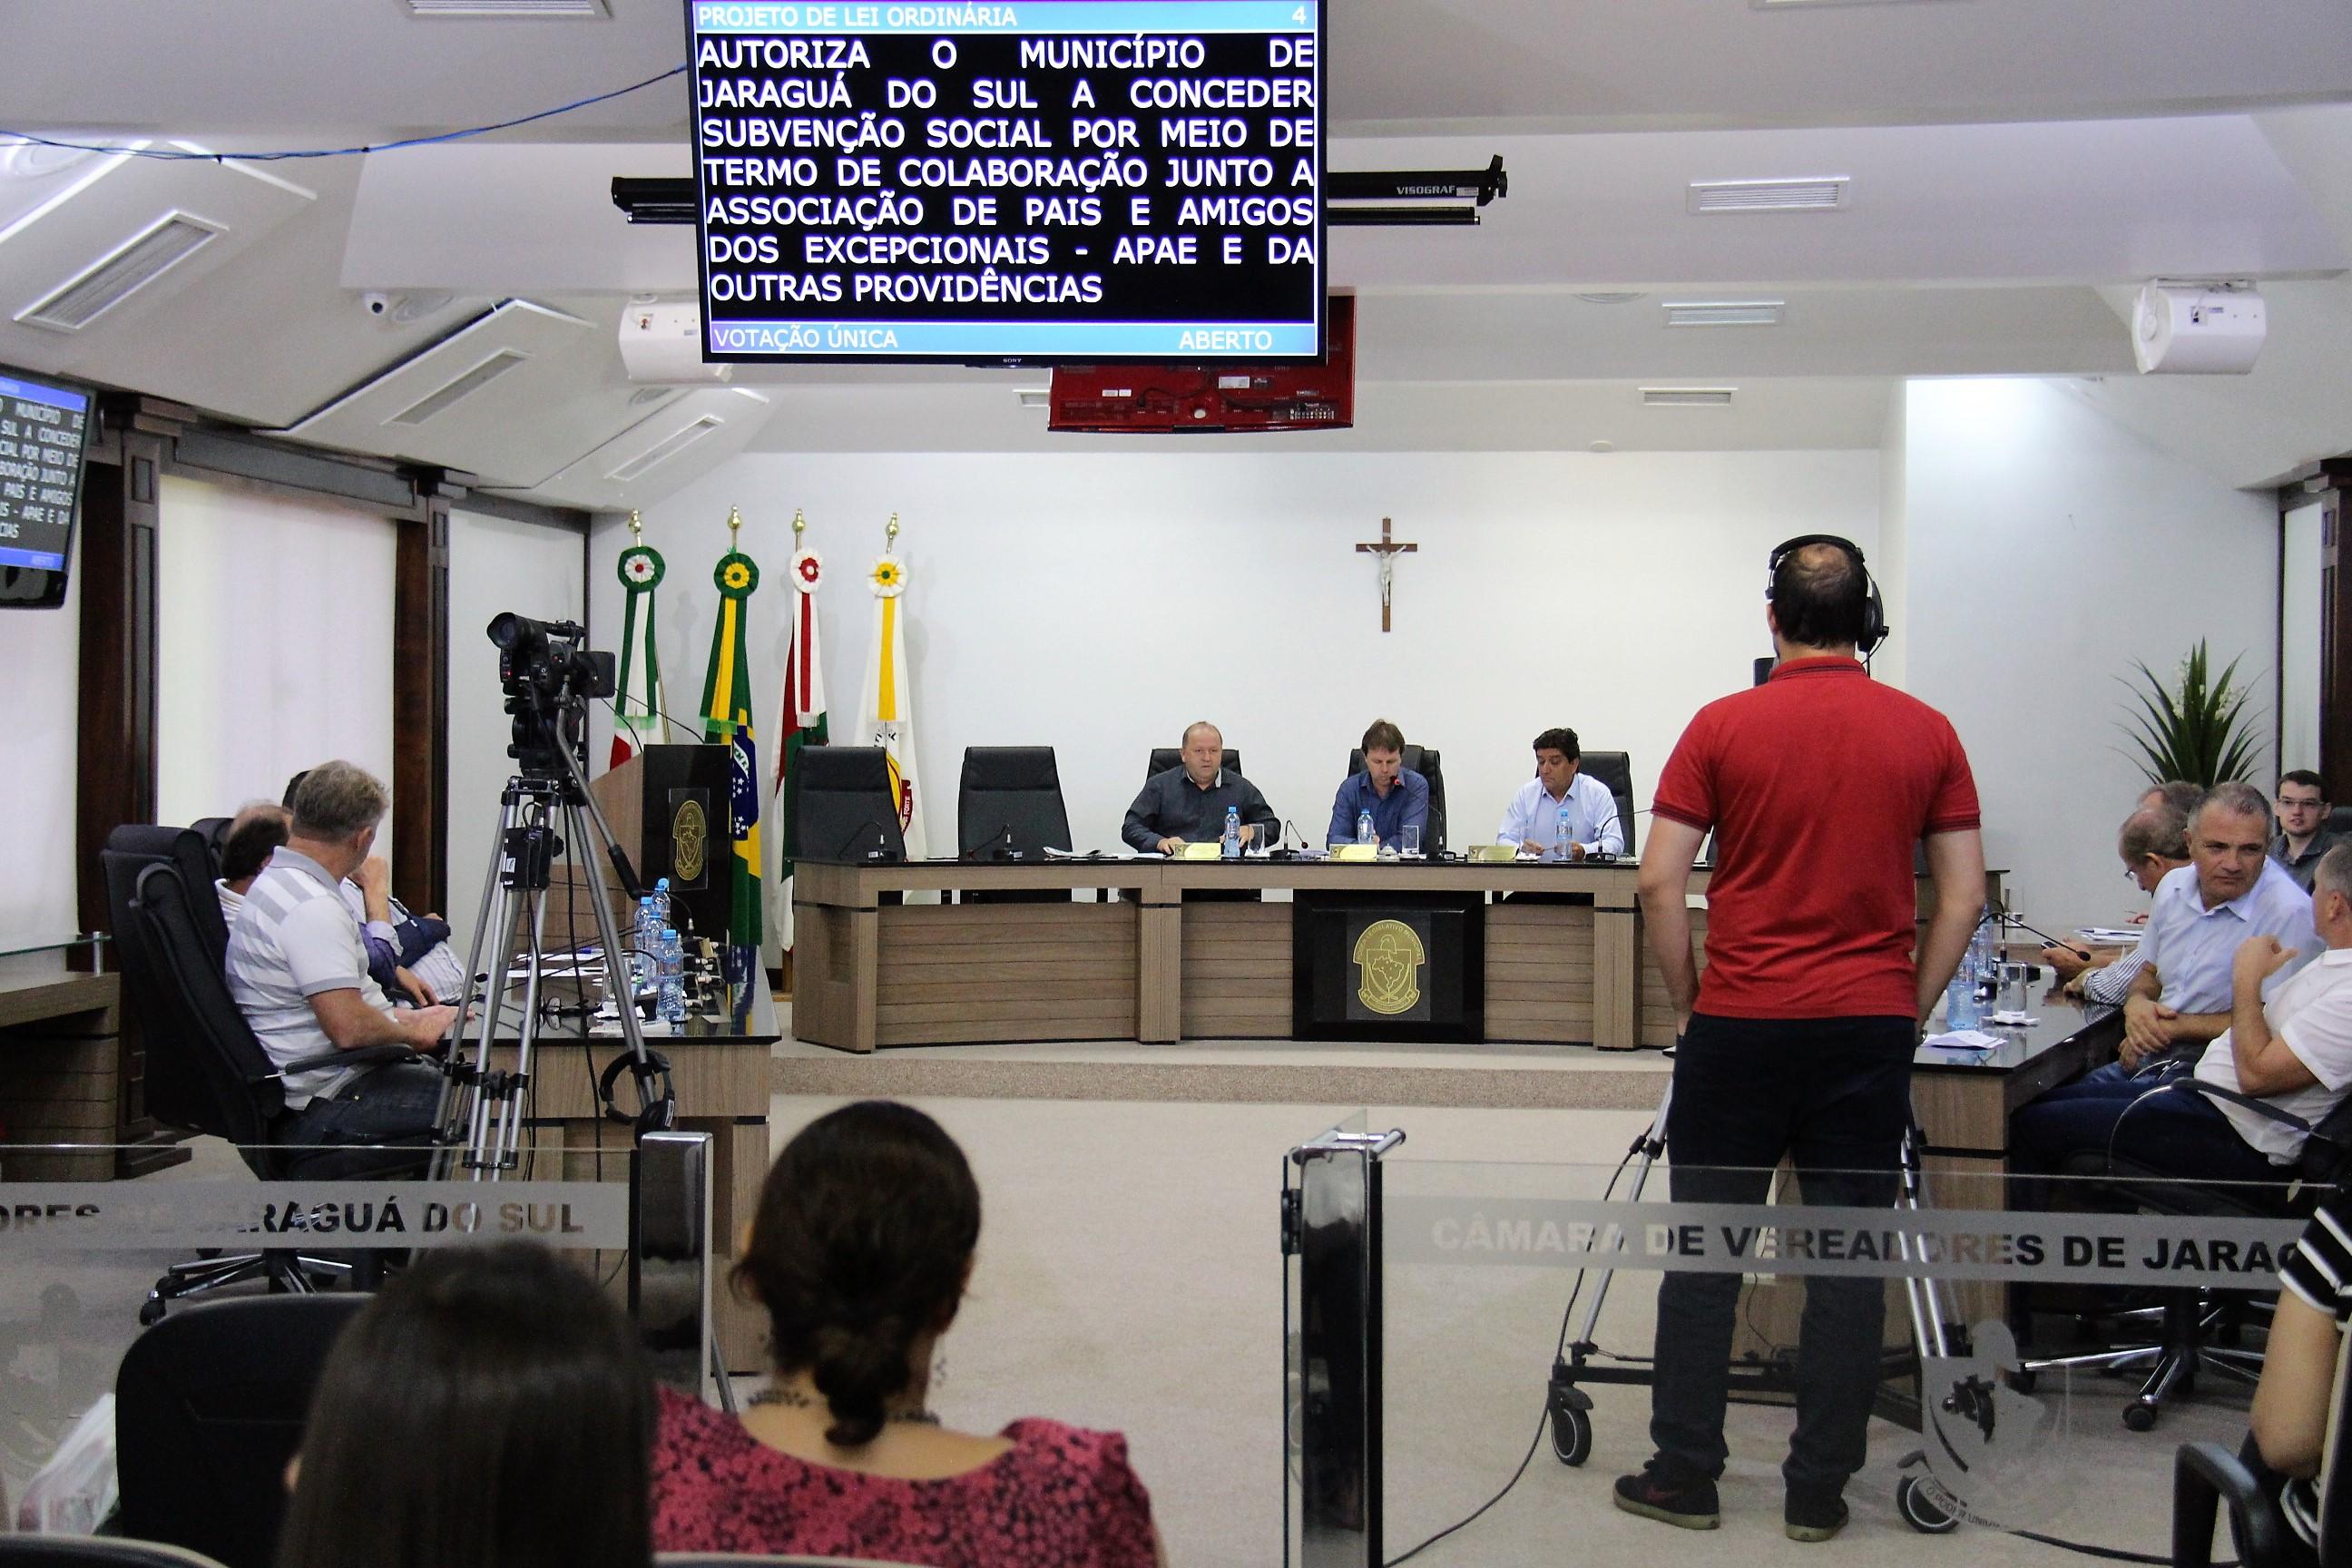 Sessão extraordinária na manhã desta quinta-feira (18) l Foto: Câmara de Vereadores/ Divulgação